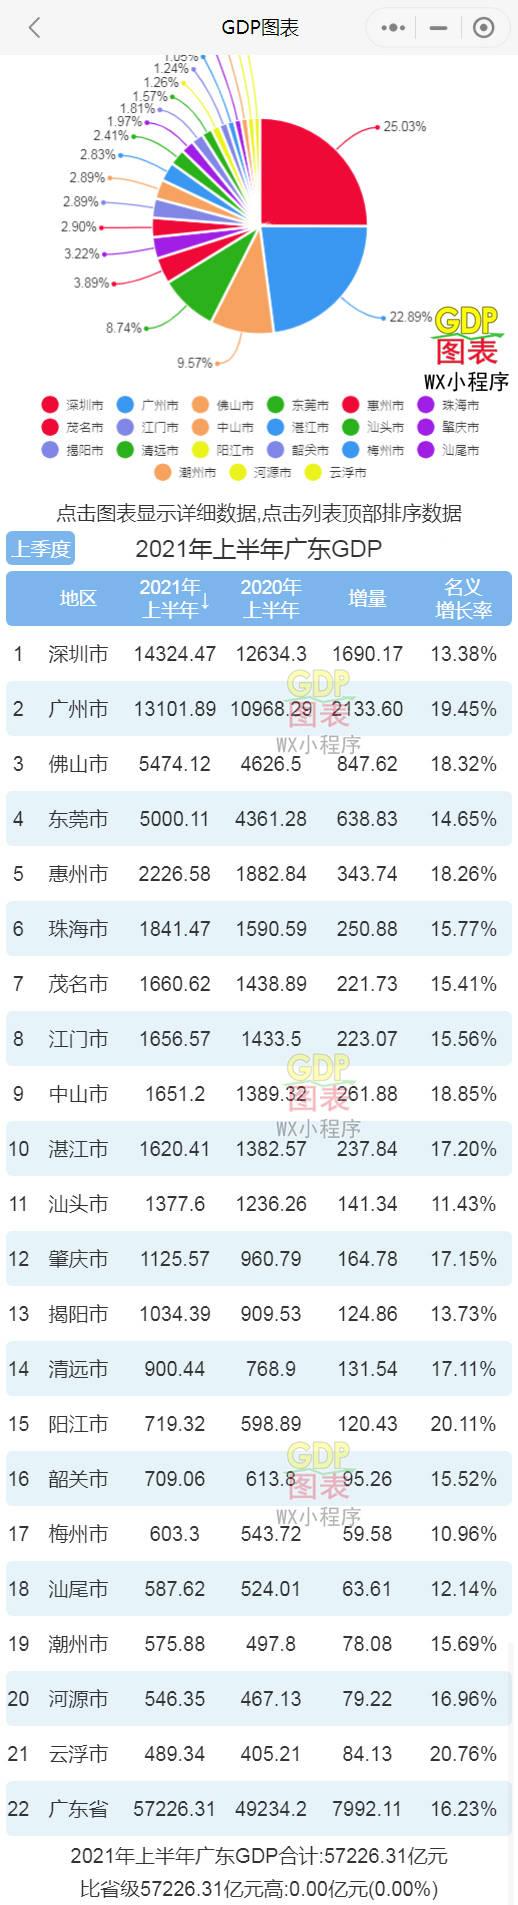 广东的GDP排名_一省对一国!广东GDP堪比世界第10大经济体-韩国,今年将完全超过